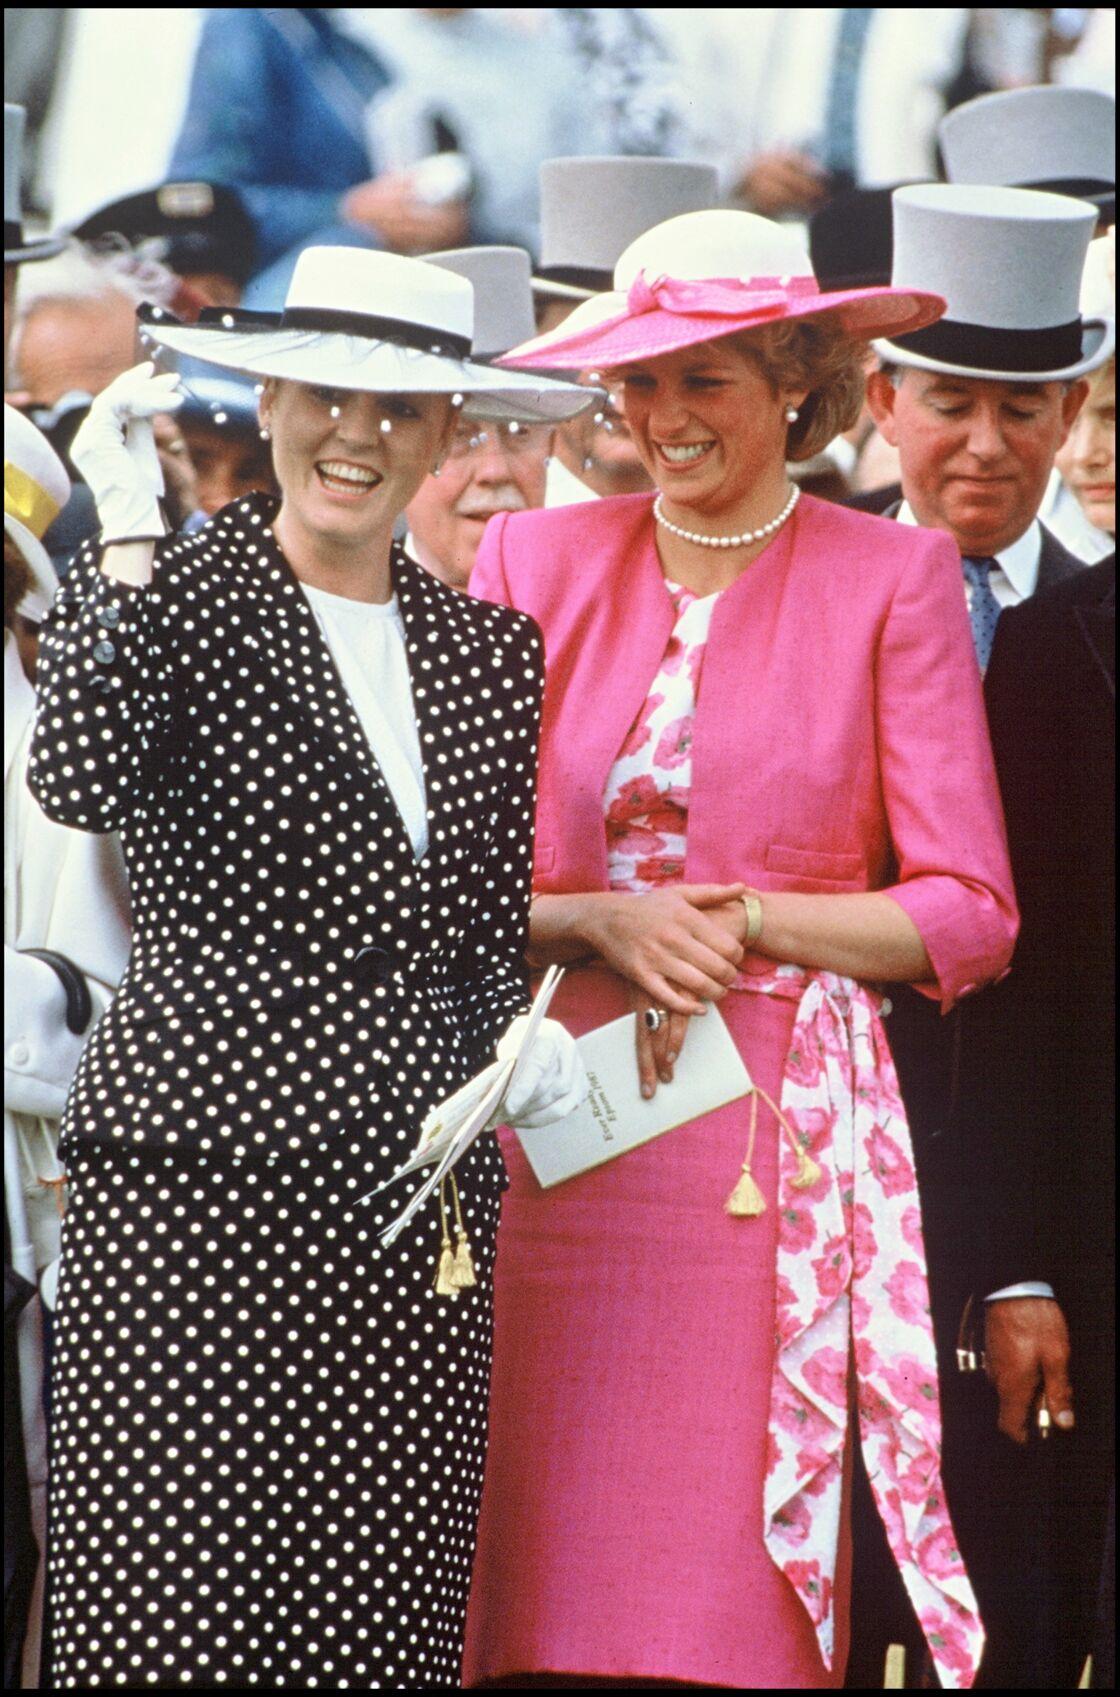 Sarah, l'excentrique, et Diana, la timide, avaient beaucoup en commun. Malgré leurs efforts, les deux jeunes femmes ne sont jamais parvenues à trouver leur place au sein de la famille royale.